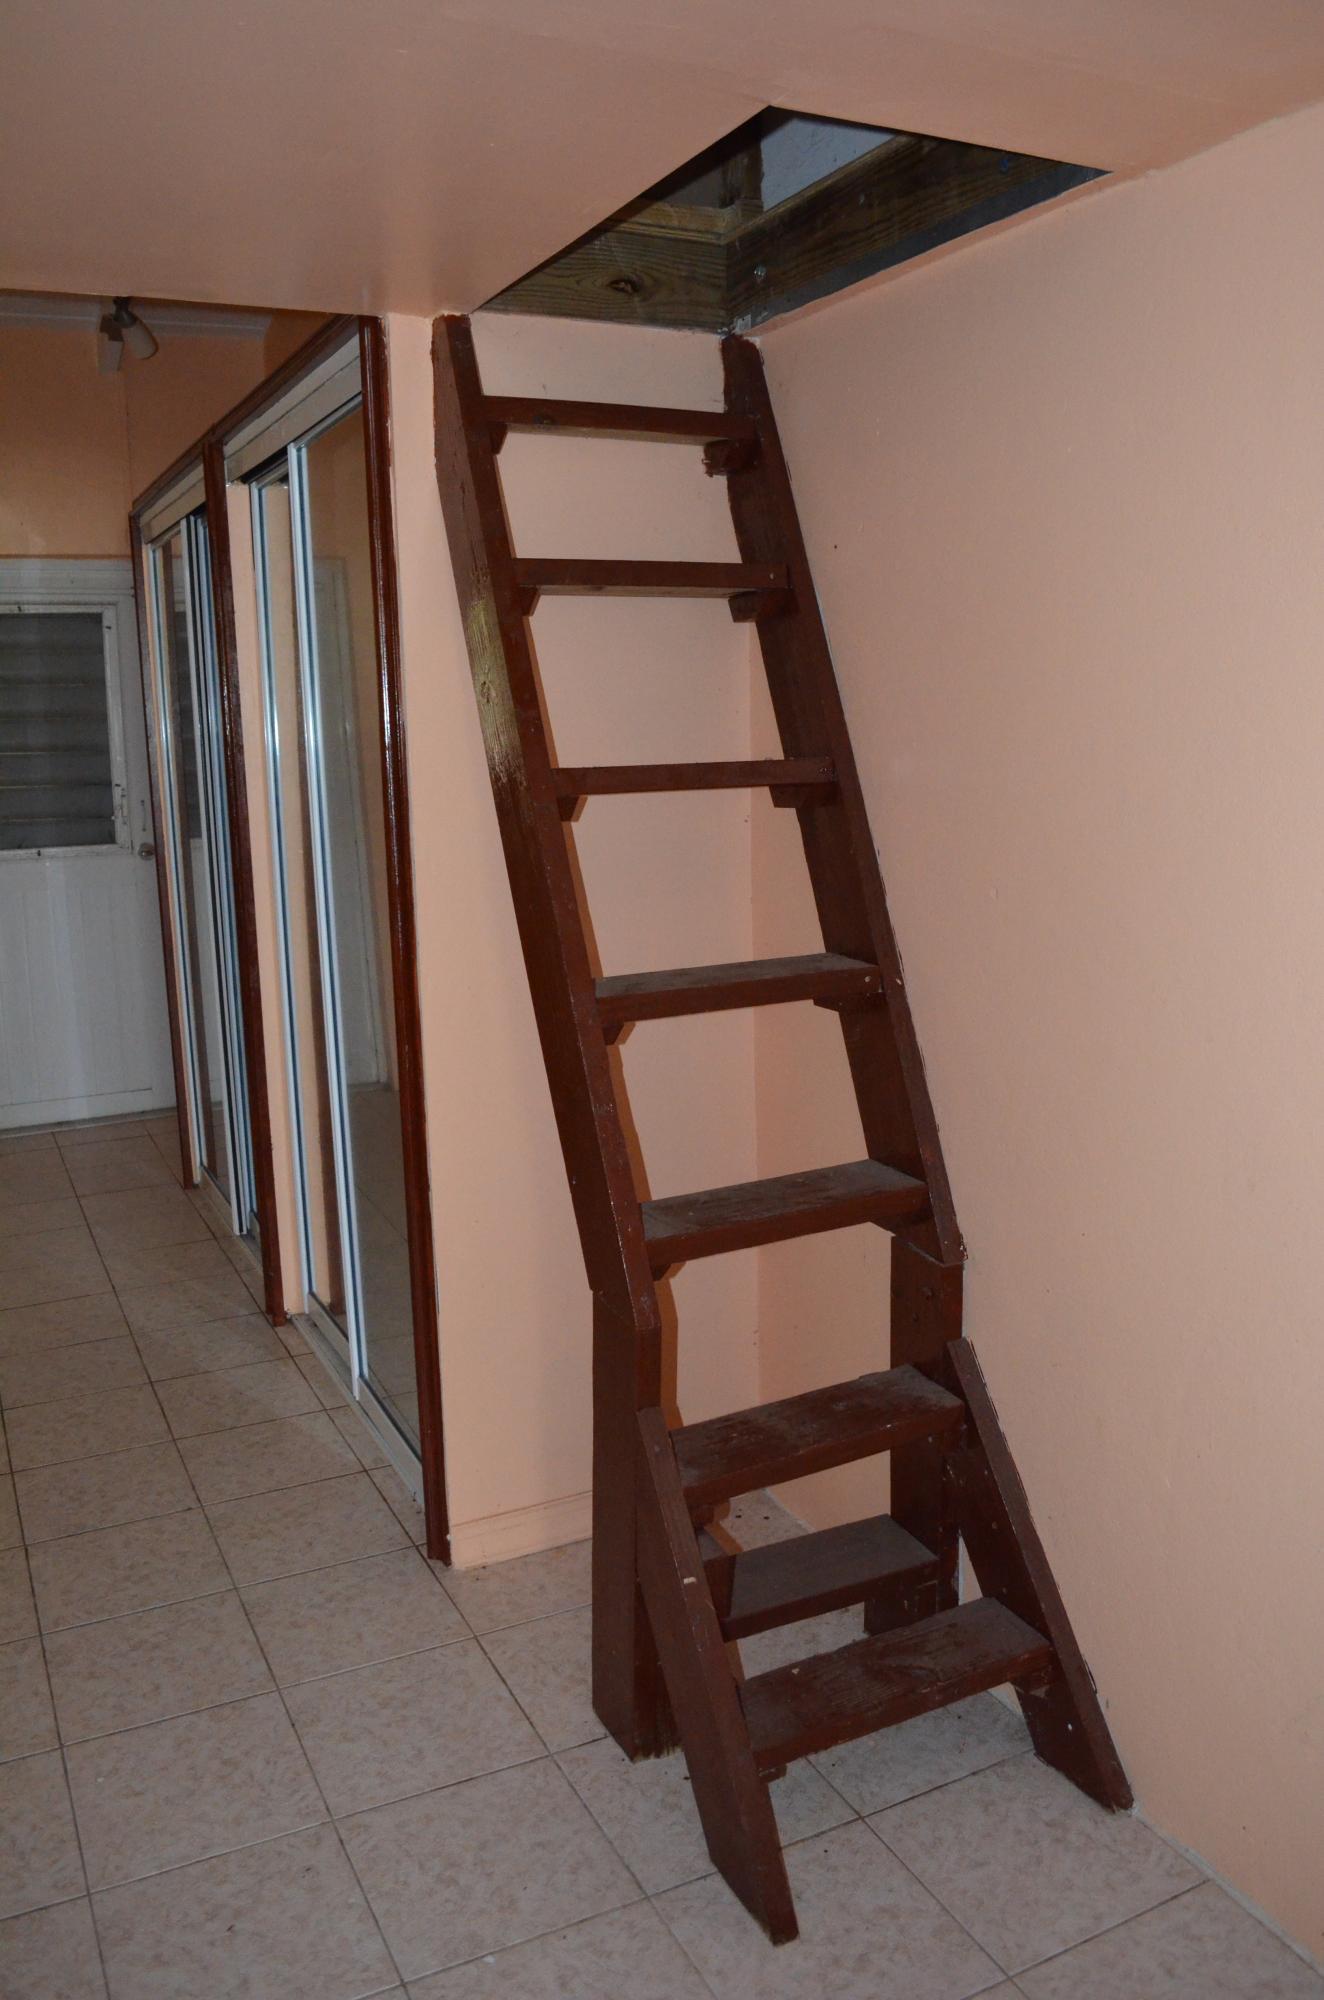 Apartment has attic storage